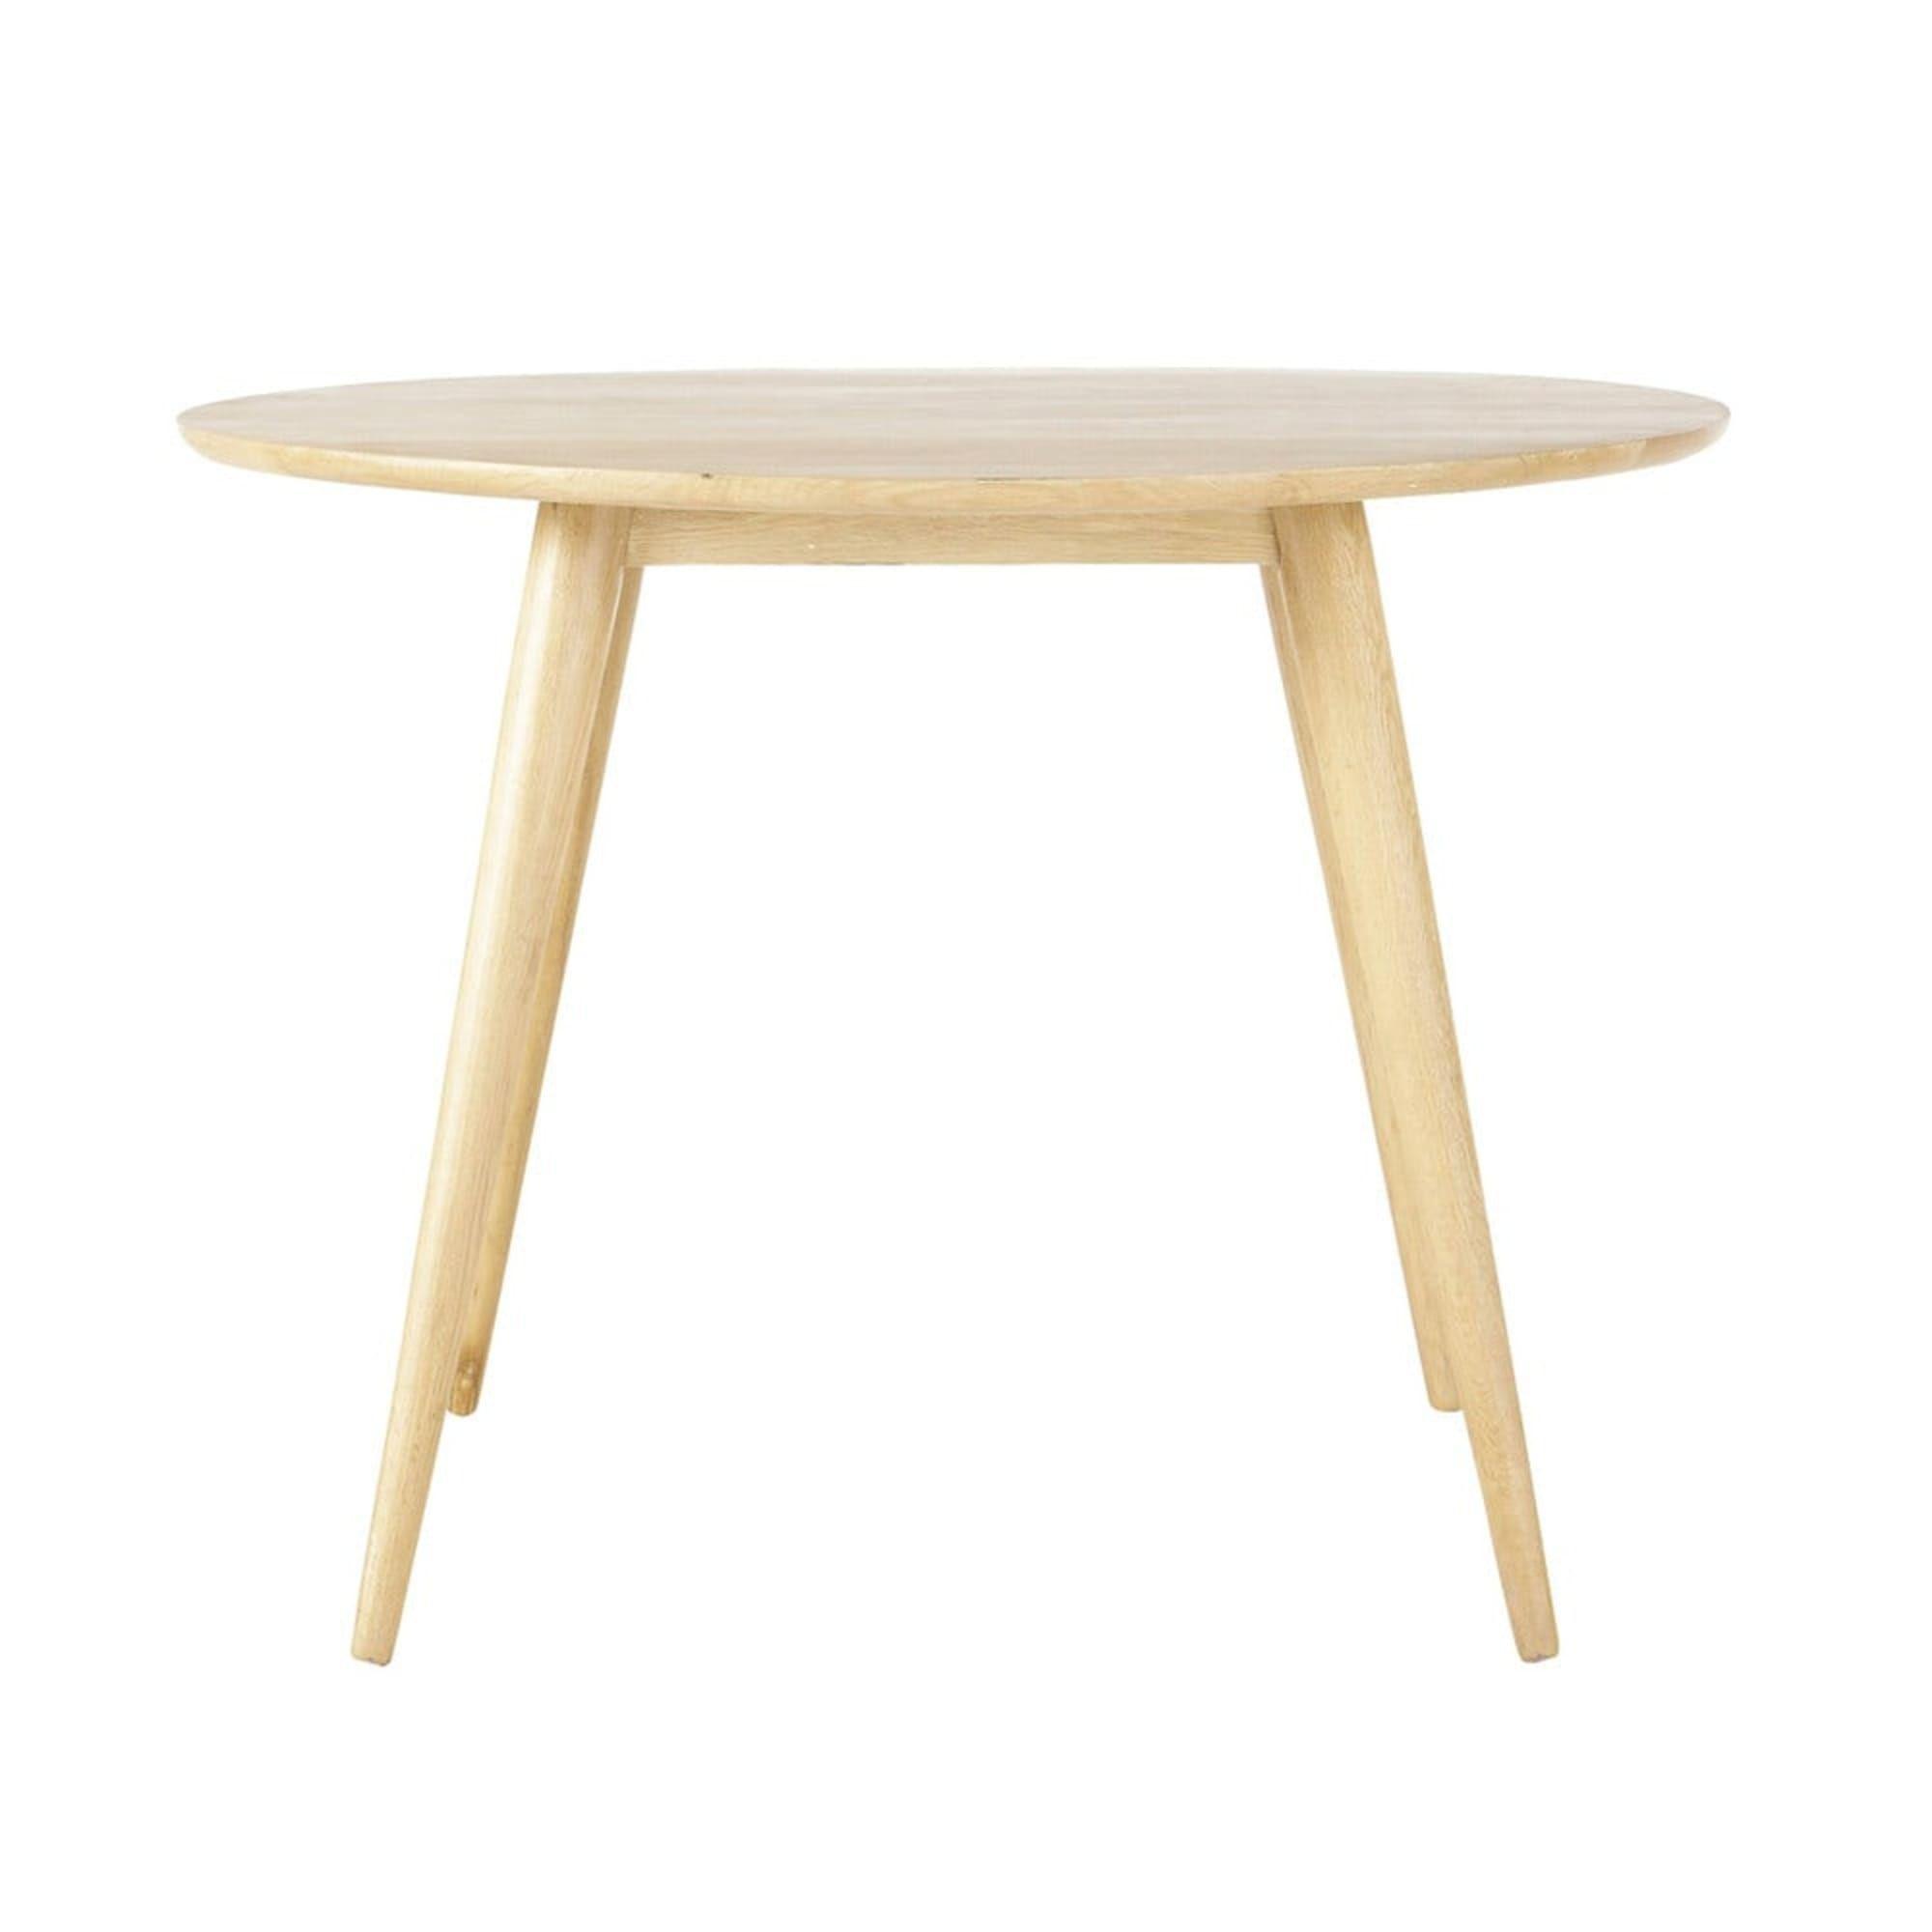 Table A Manger Ronde Vintage En Chene Massif 4 Personnes D100 Maisons Du Monde Salle A Manger Vintage Table Salle A Manger Table A Manger Ronde